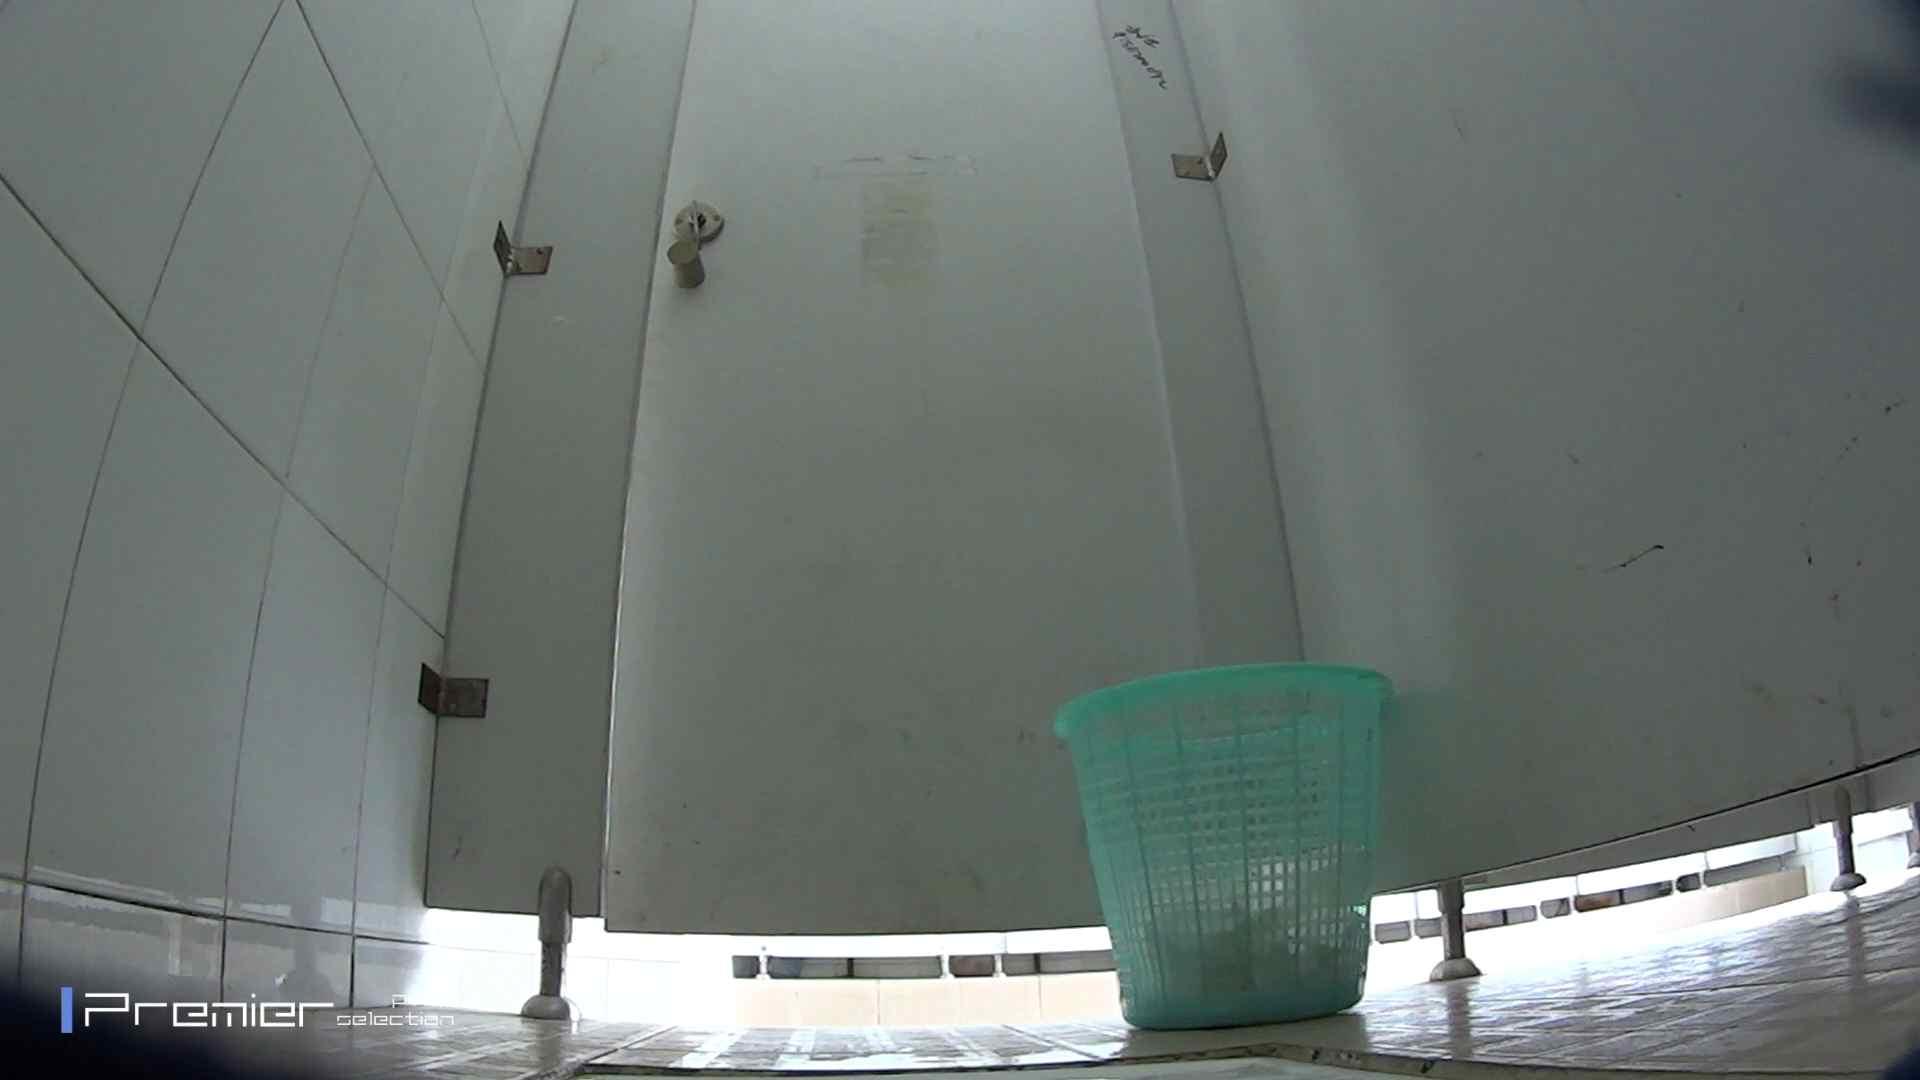 美しい女良たちのトイレ事情 有名大学休憩時間の洗面所事情06 エッチすぎる美女 AV無料動画キャプチャ 80連発 33